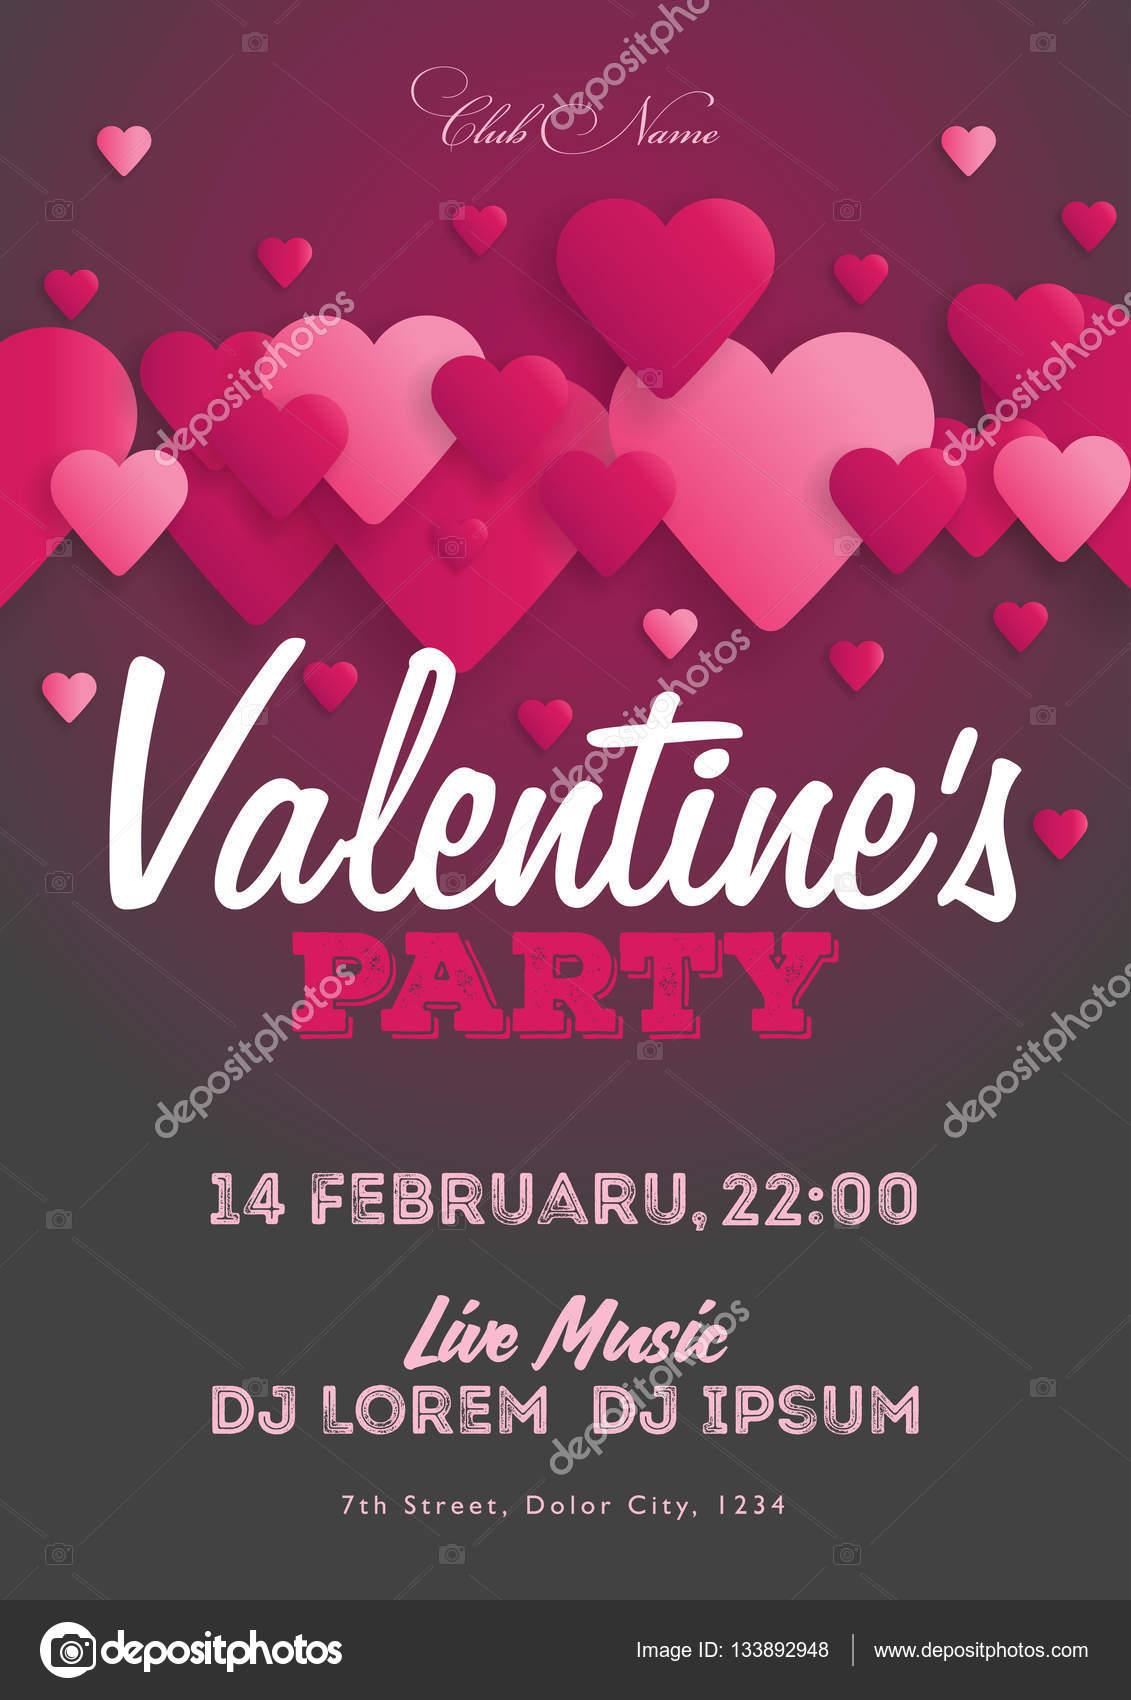 Valentinstag Party Einladung Flyer. Die Vorlage für den Verein ...